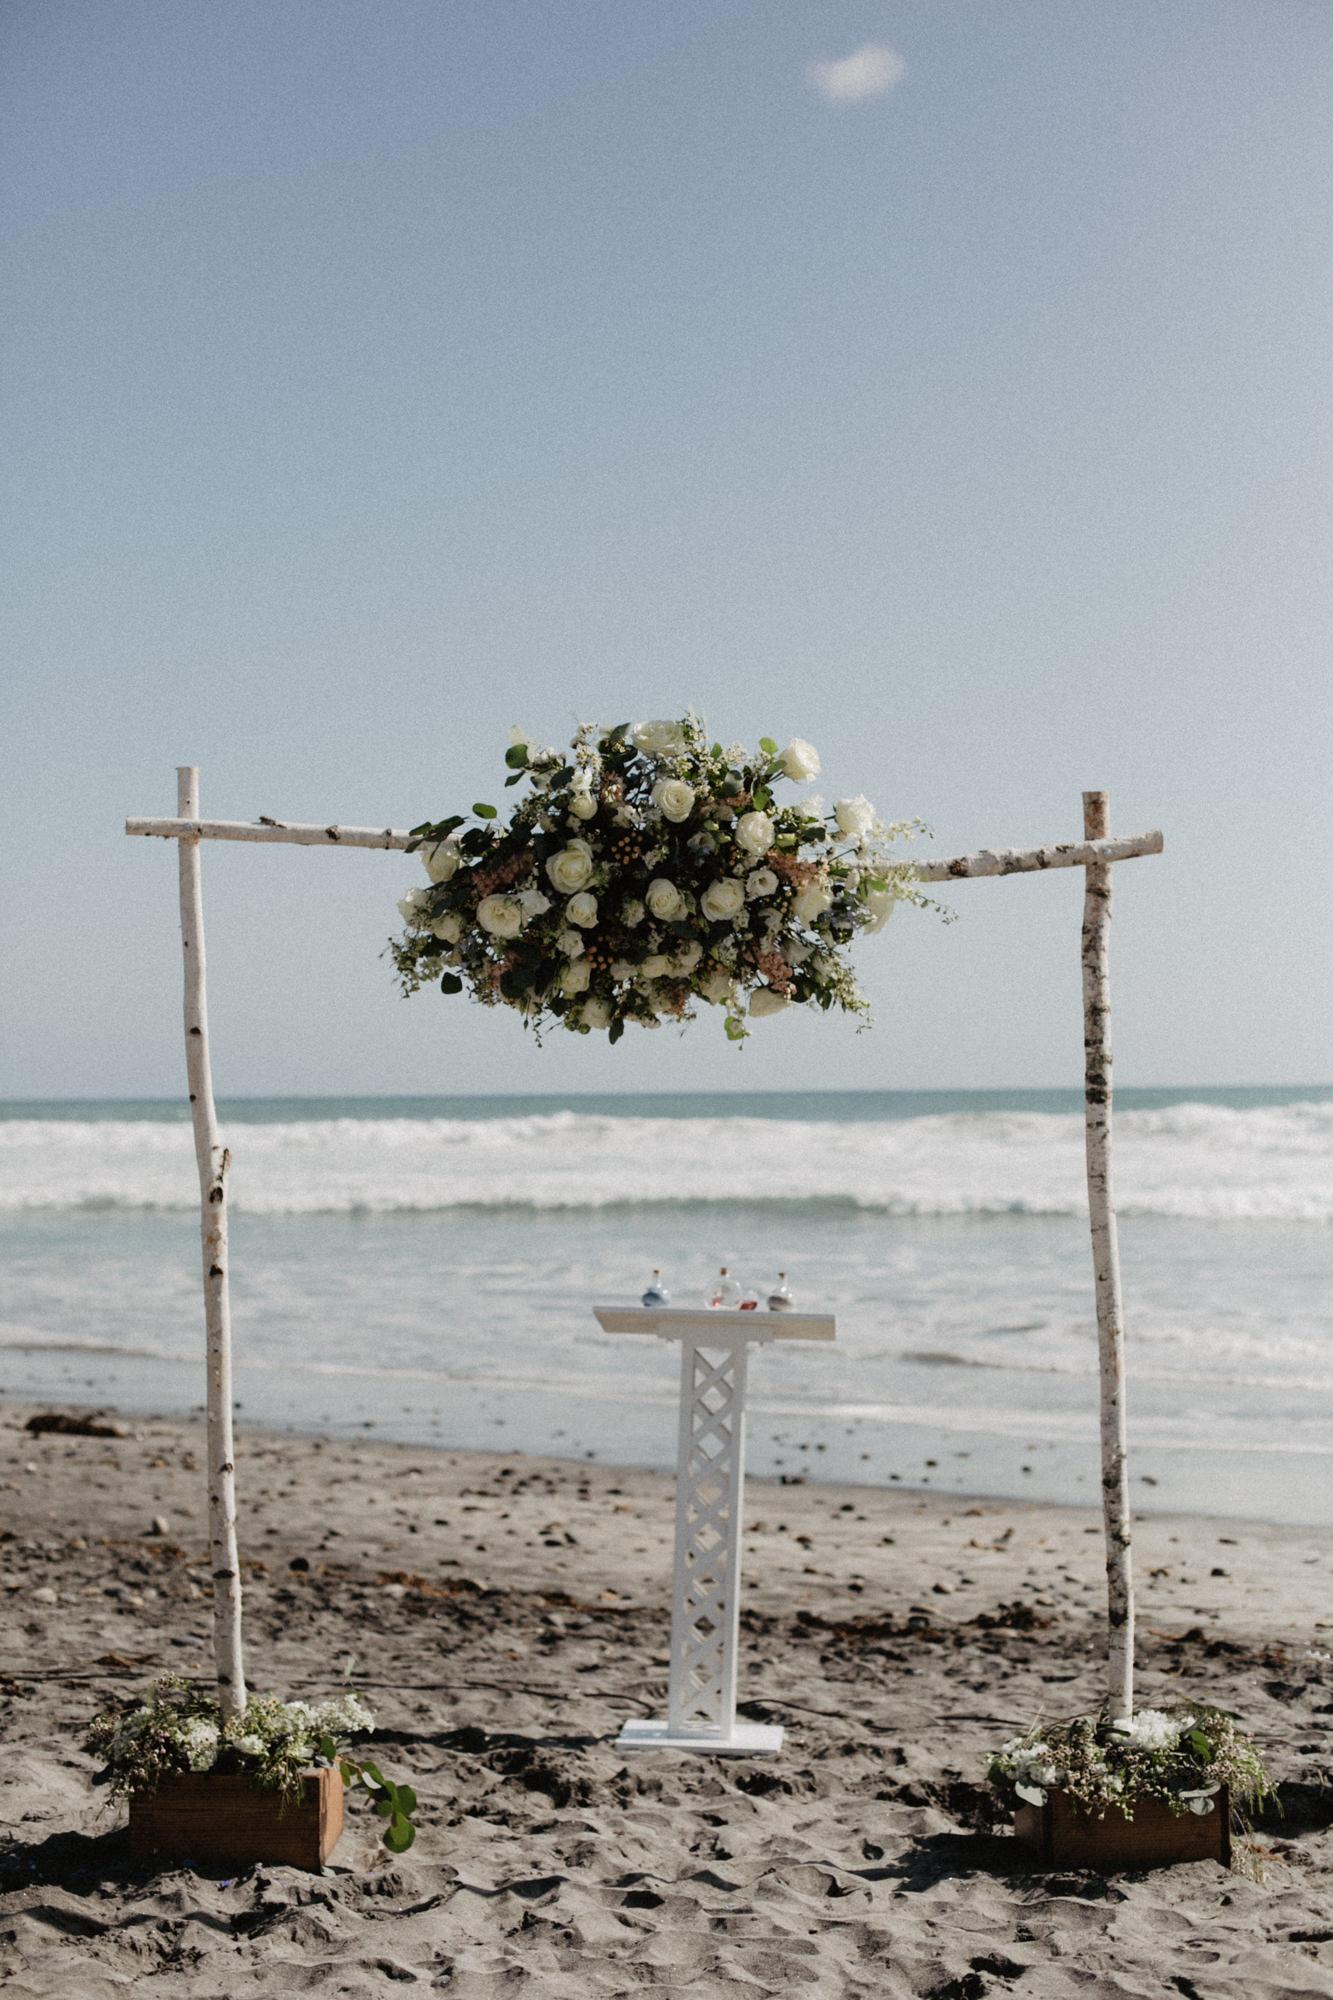 oceanside_airbnb_wedding-19.jpg